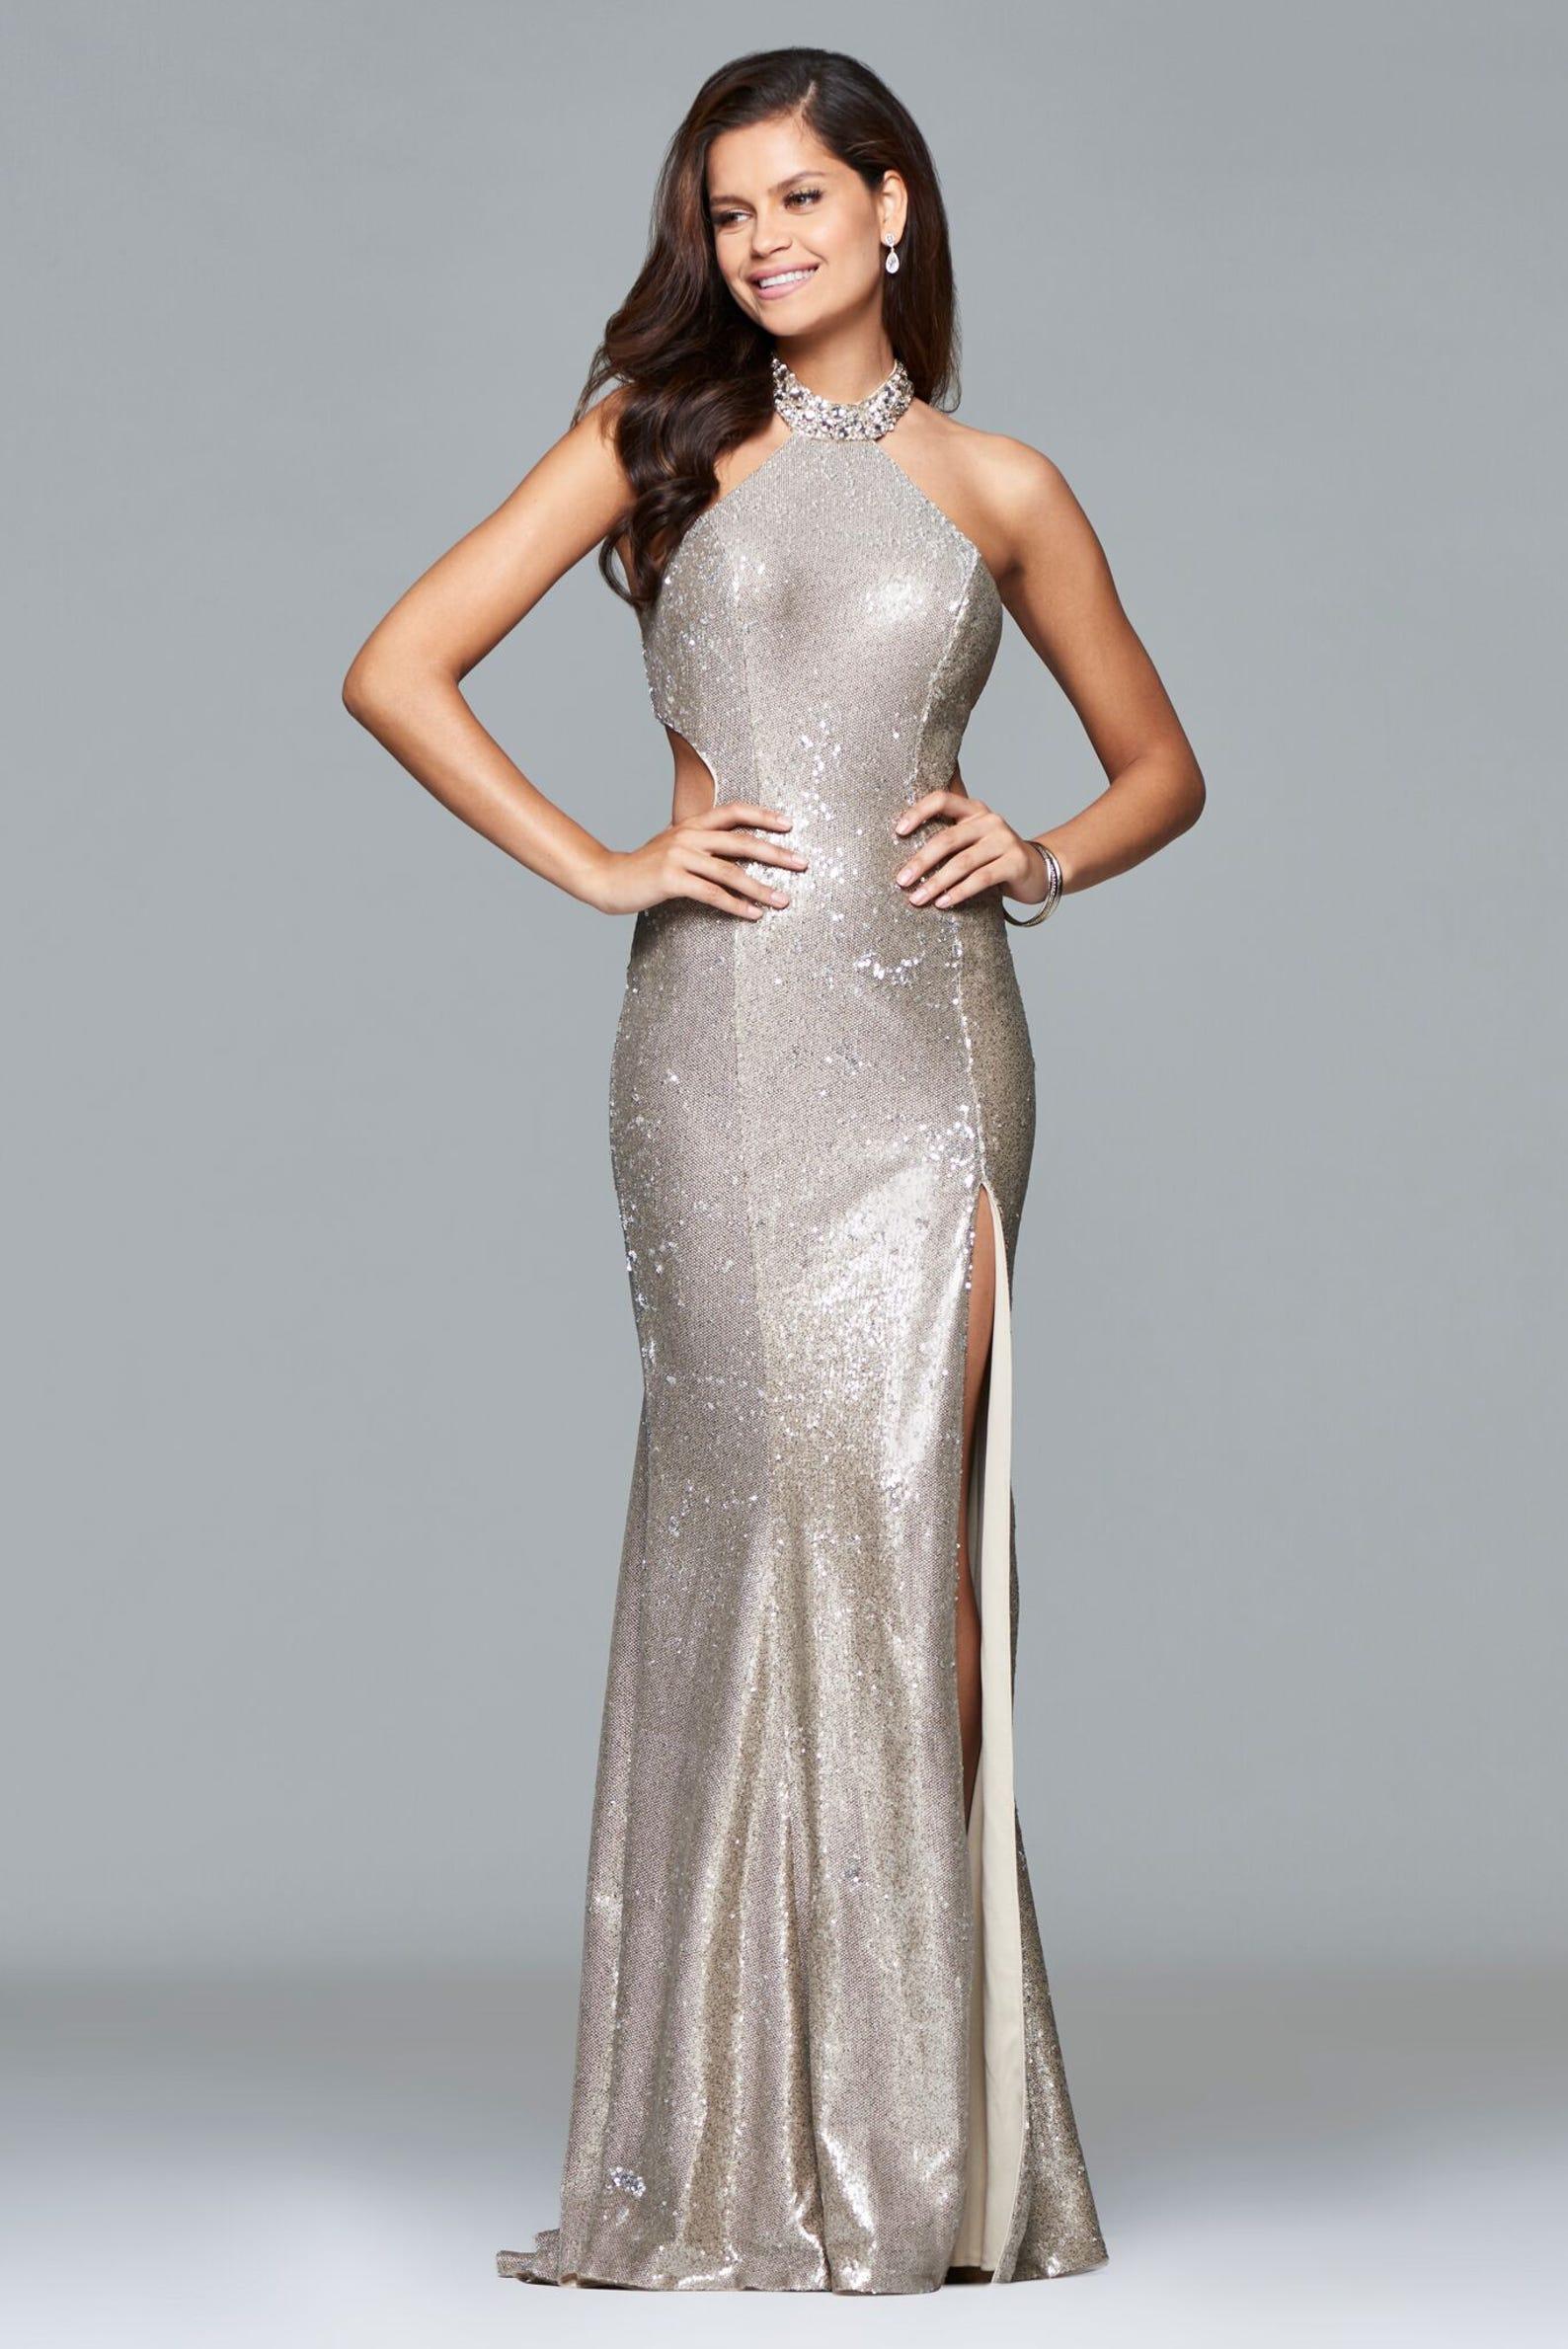 b0502584 long sleeve evening dresses - assets.macys.com